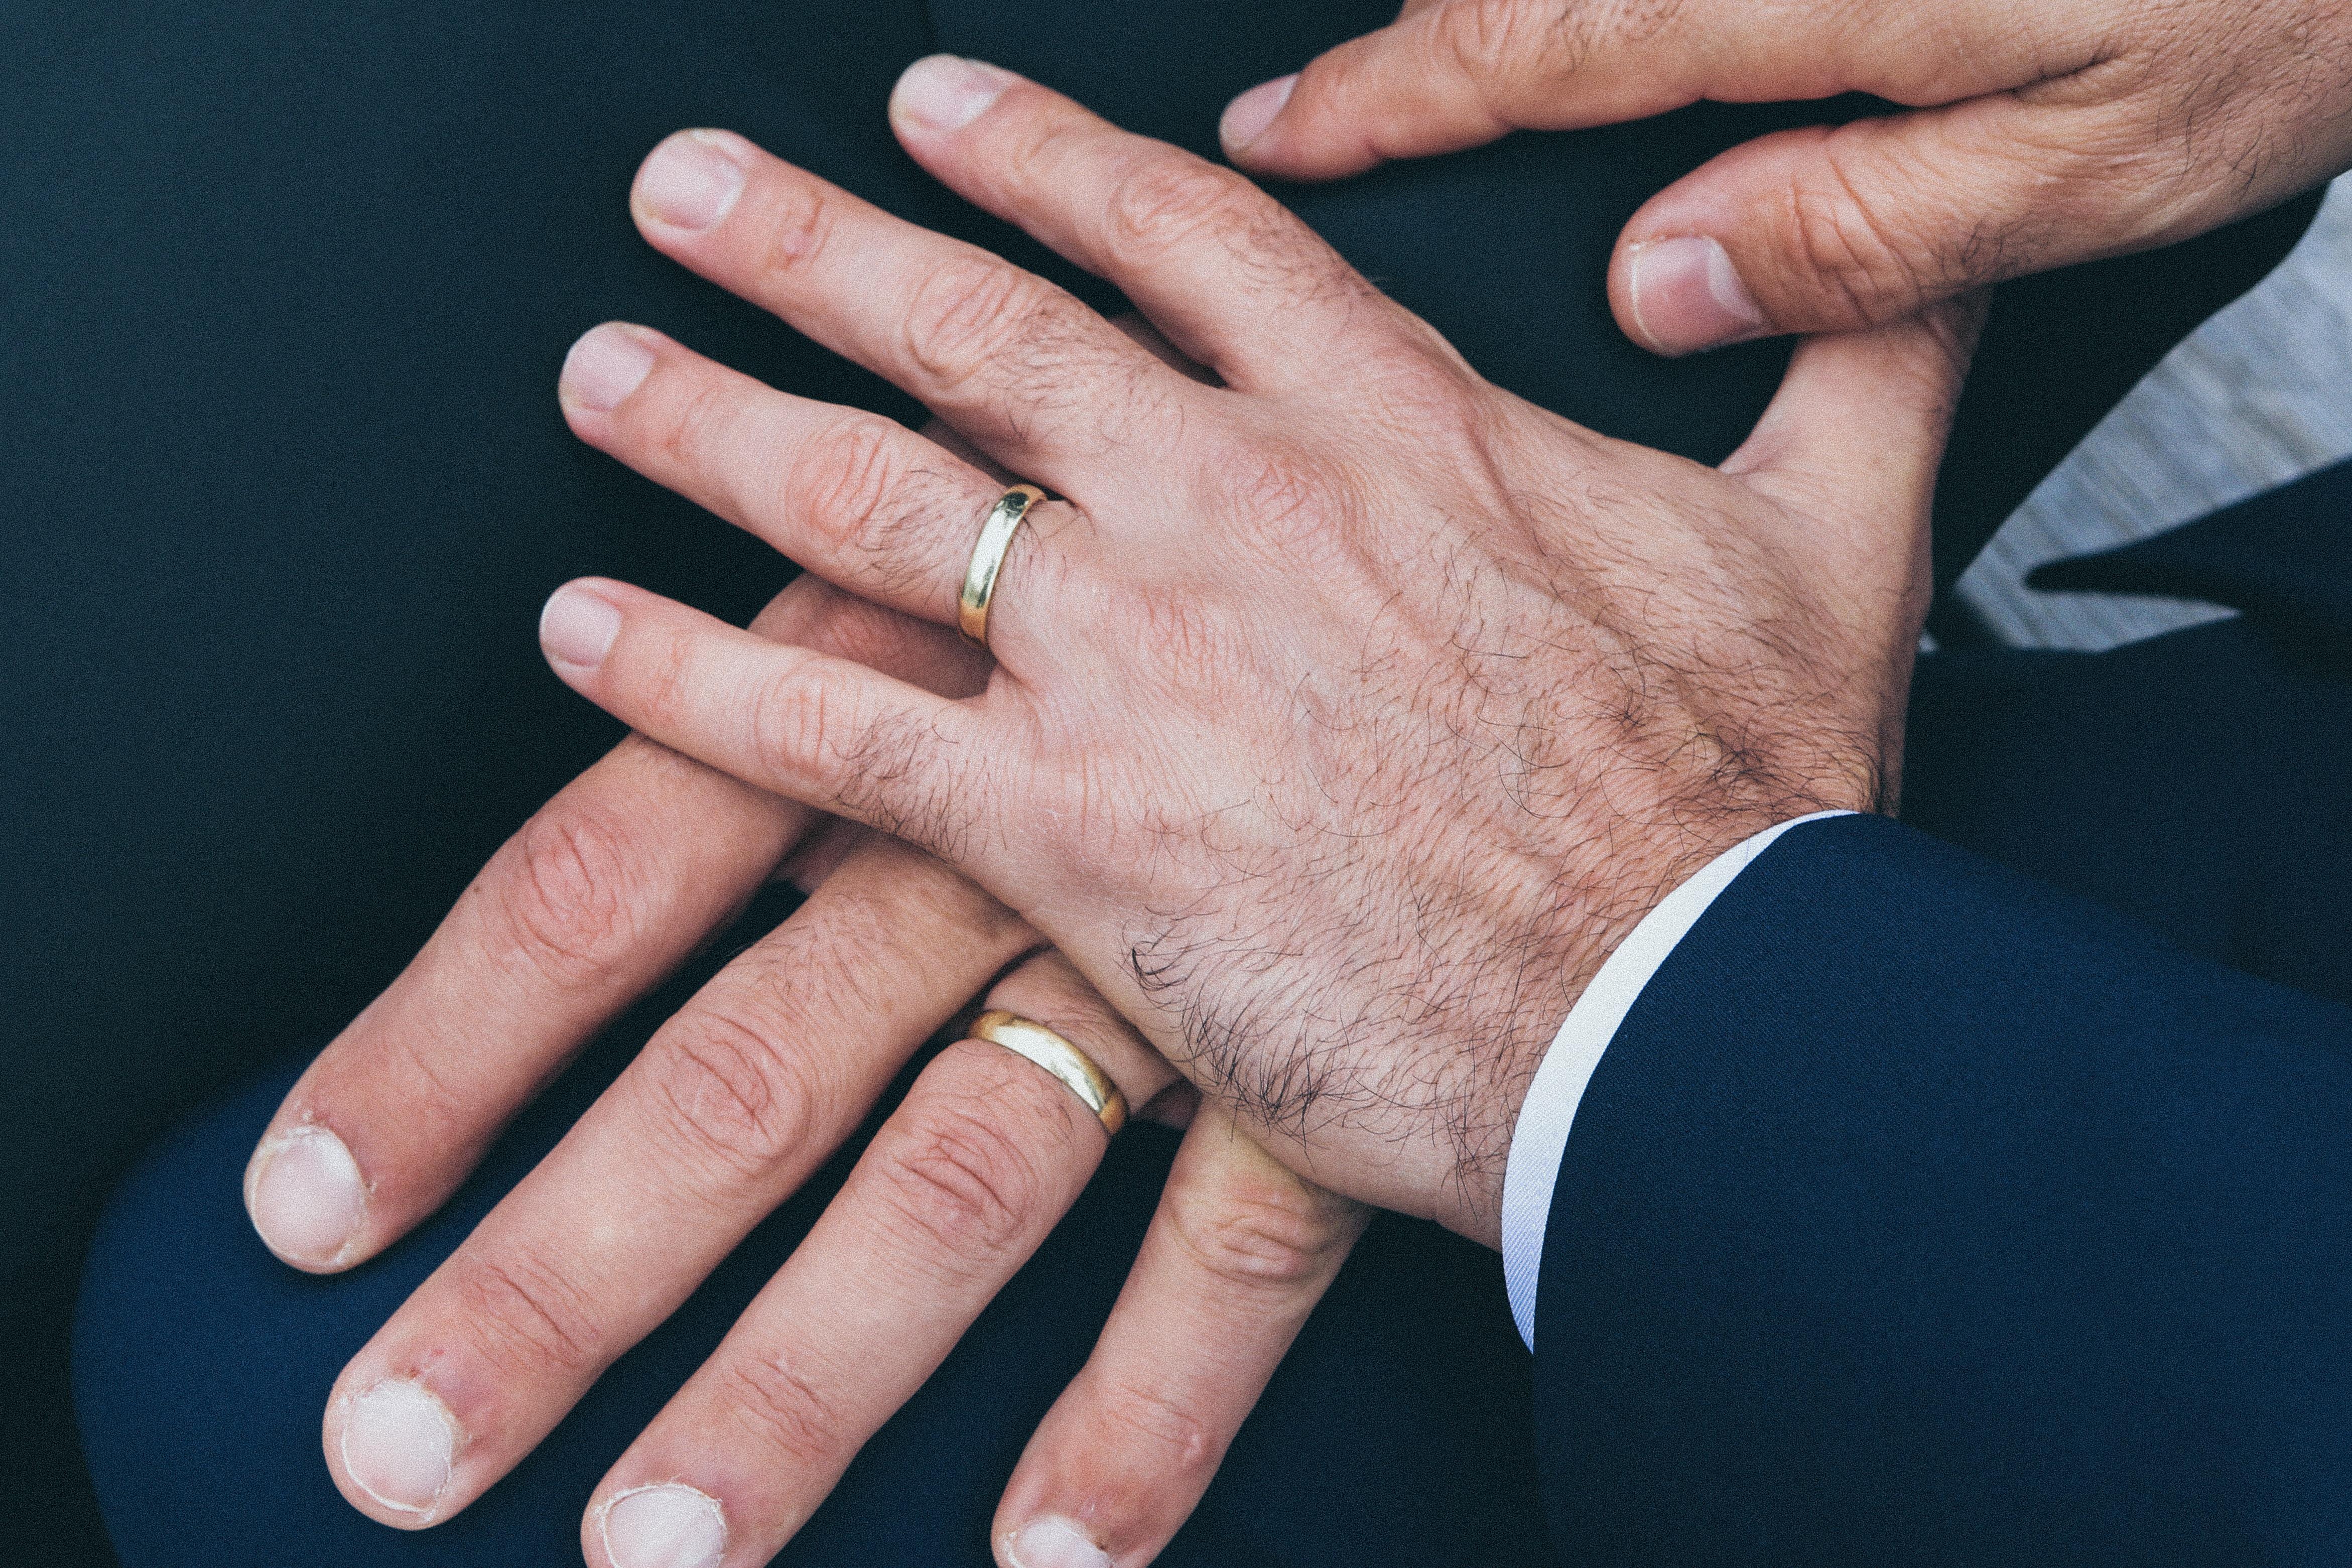 hands of 2 grooms